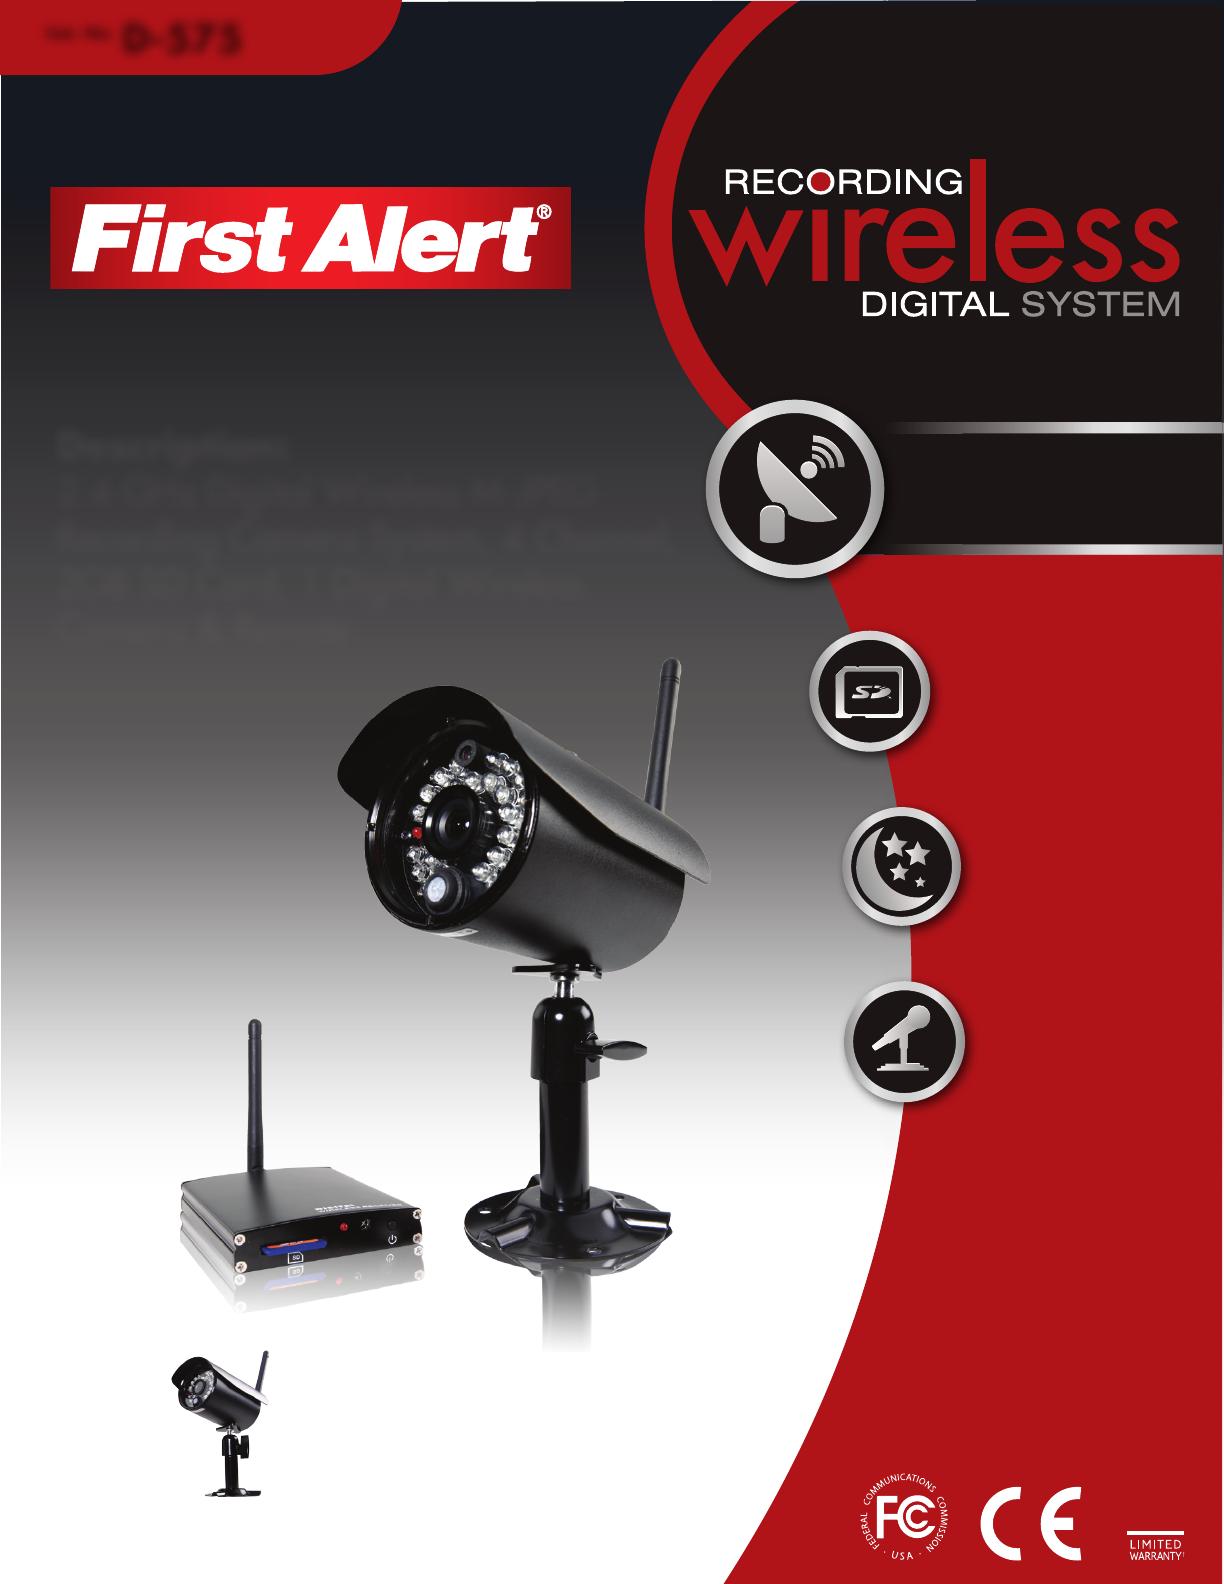 first alert home security system d575 user guide. Black Bedroom Furniture Sets. Home Design Ideas